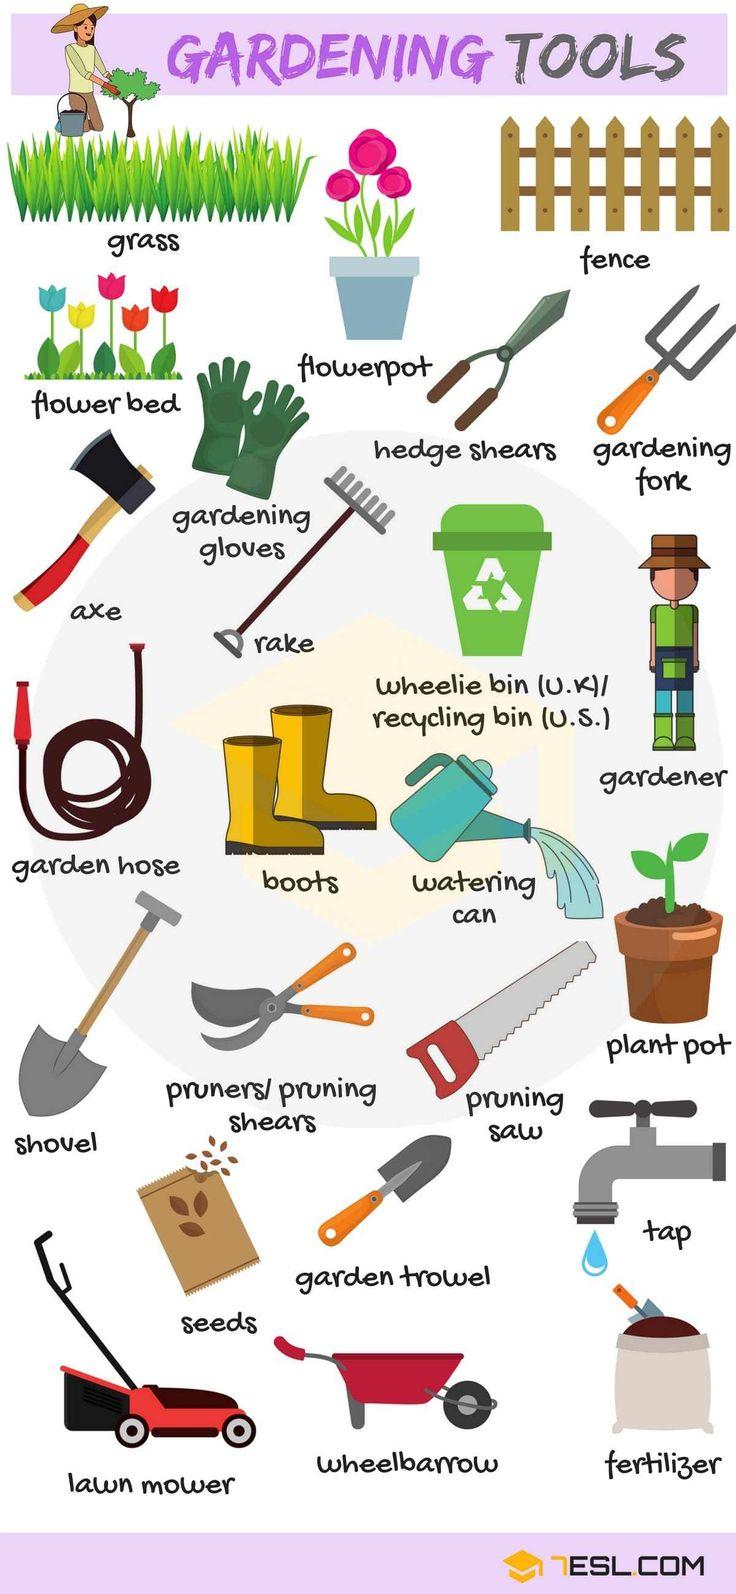 Vocabulario en inglés: aprenda herramientas de jardinería a través de imágenes: ESL Buzz